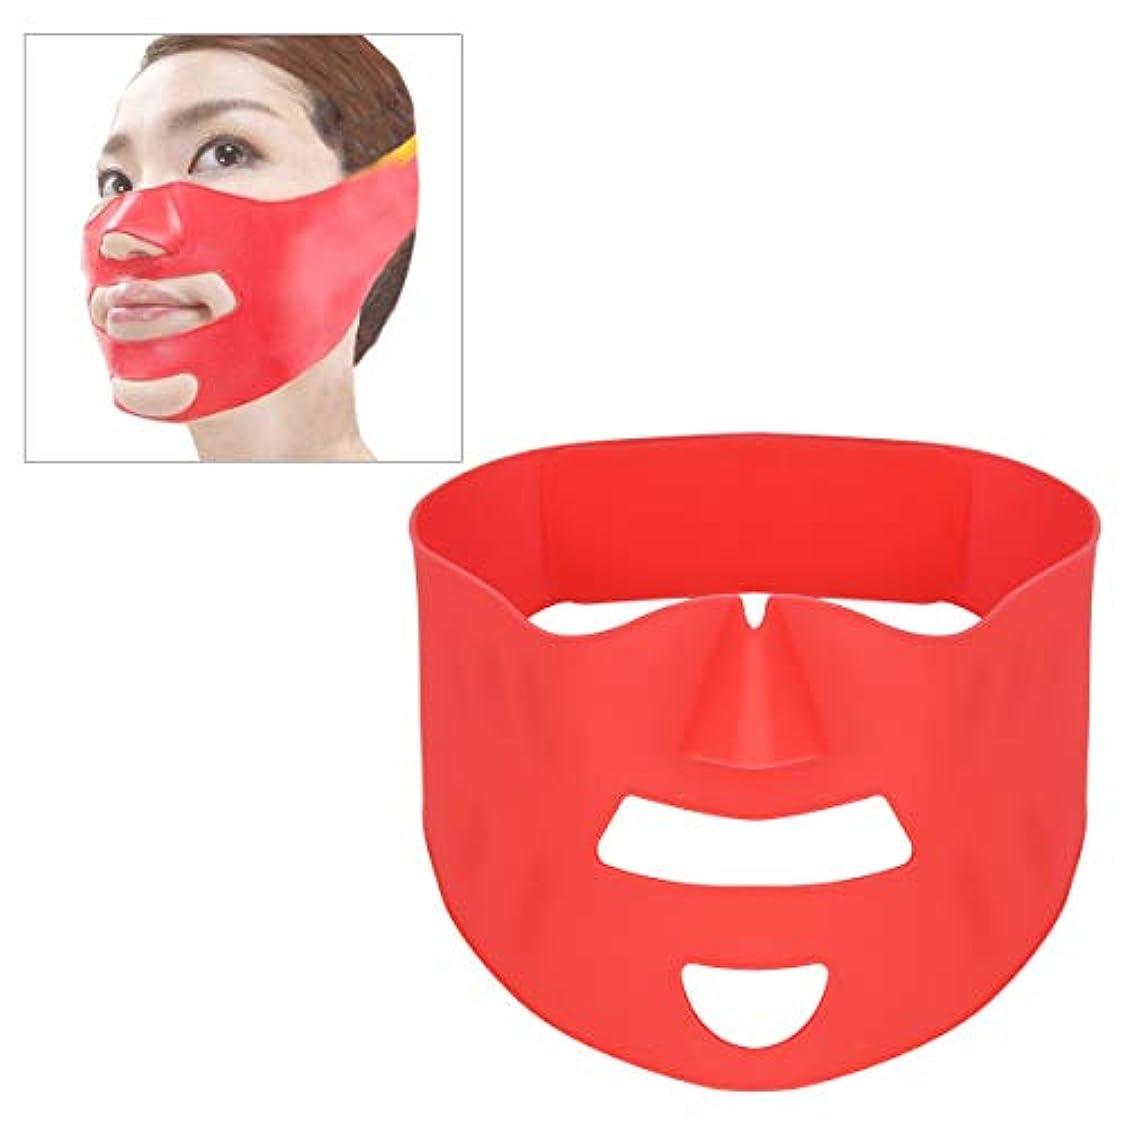 化石謝る提案フェイスベルト 小顔 マスク リフトアップ 美顔 シリコン 抗しわ 皮膚改善 軽量 引き締め 引き上げマスク